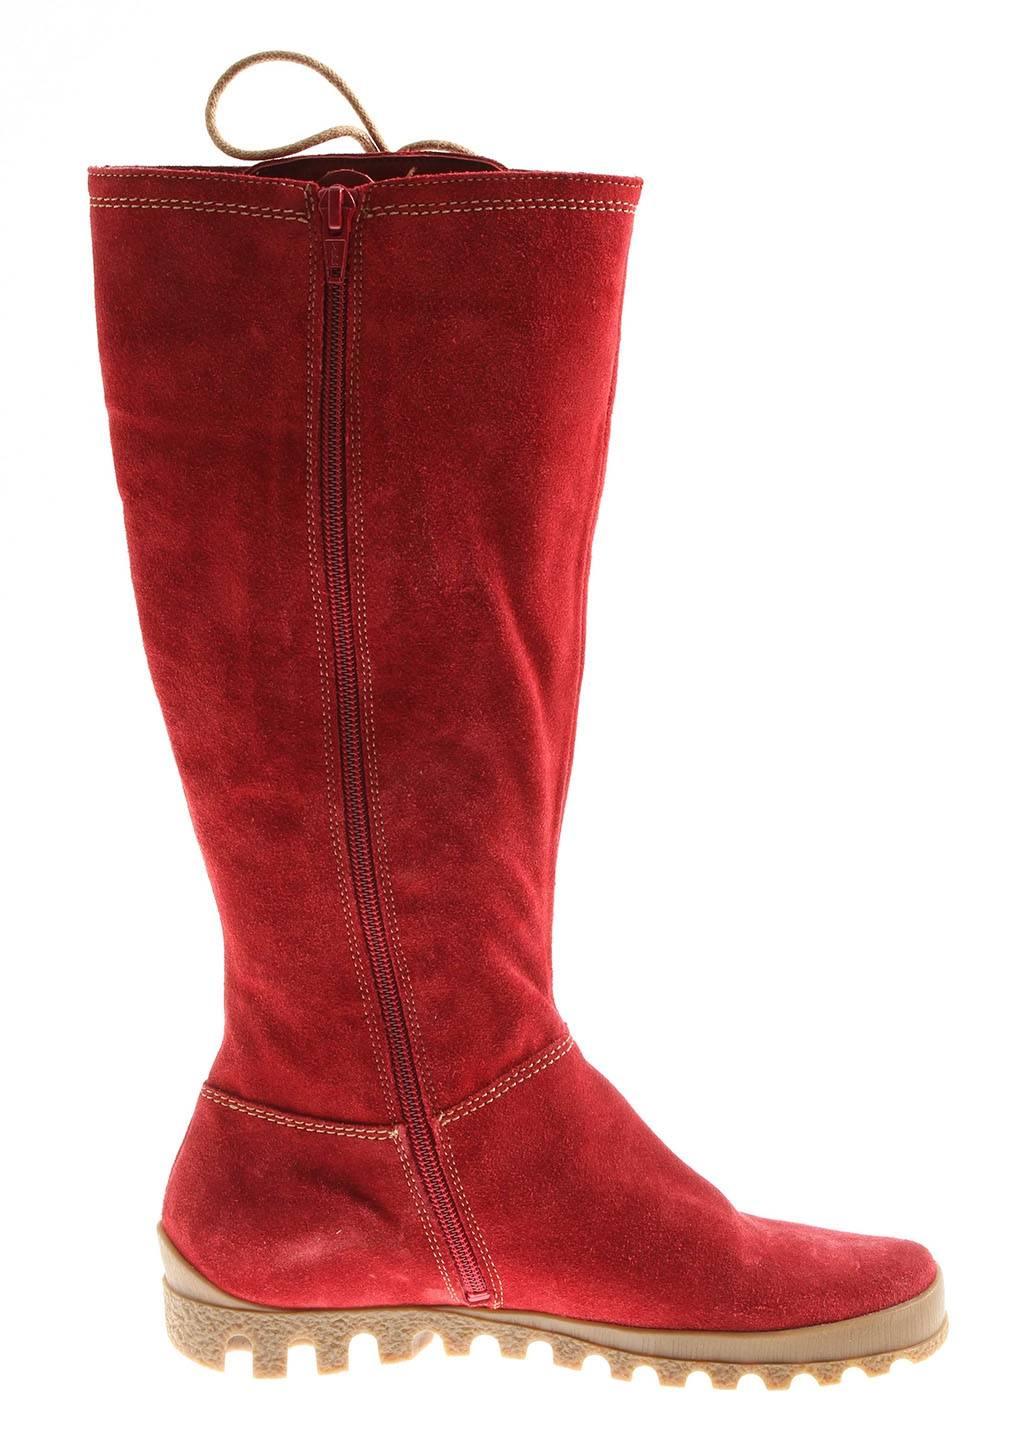 Think  Winterstiefel Lederschuhe Schuhe für Winter Wildleder Koehsa Koehsa Koehsa 6eccba